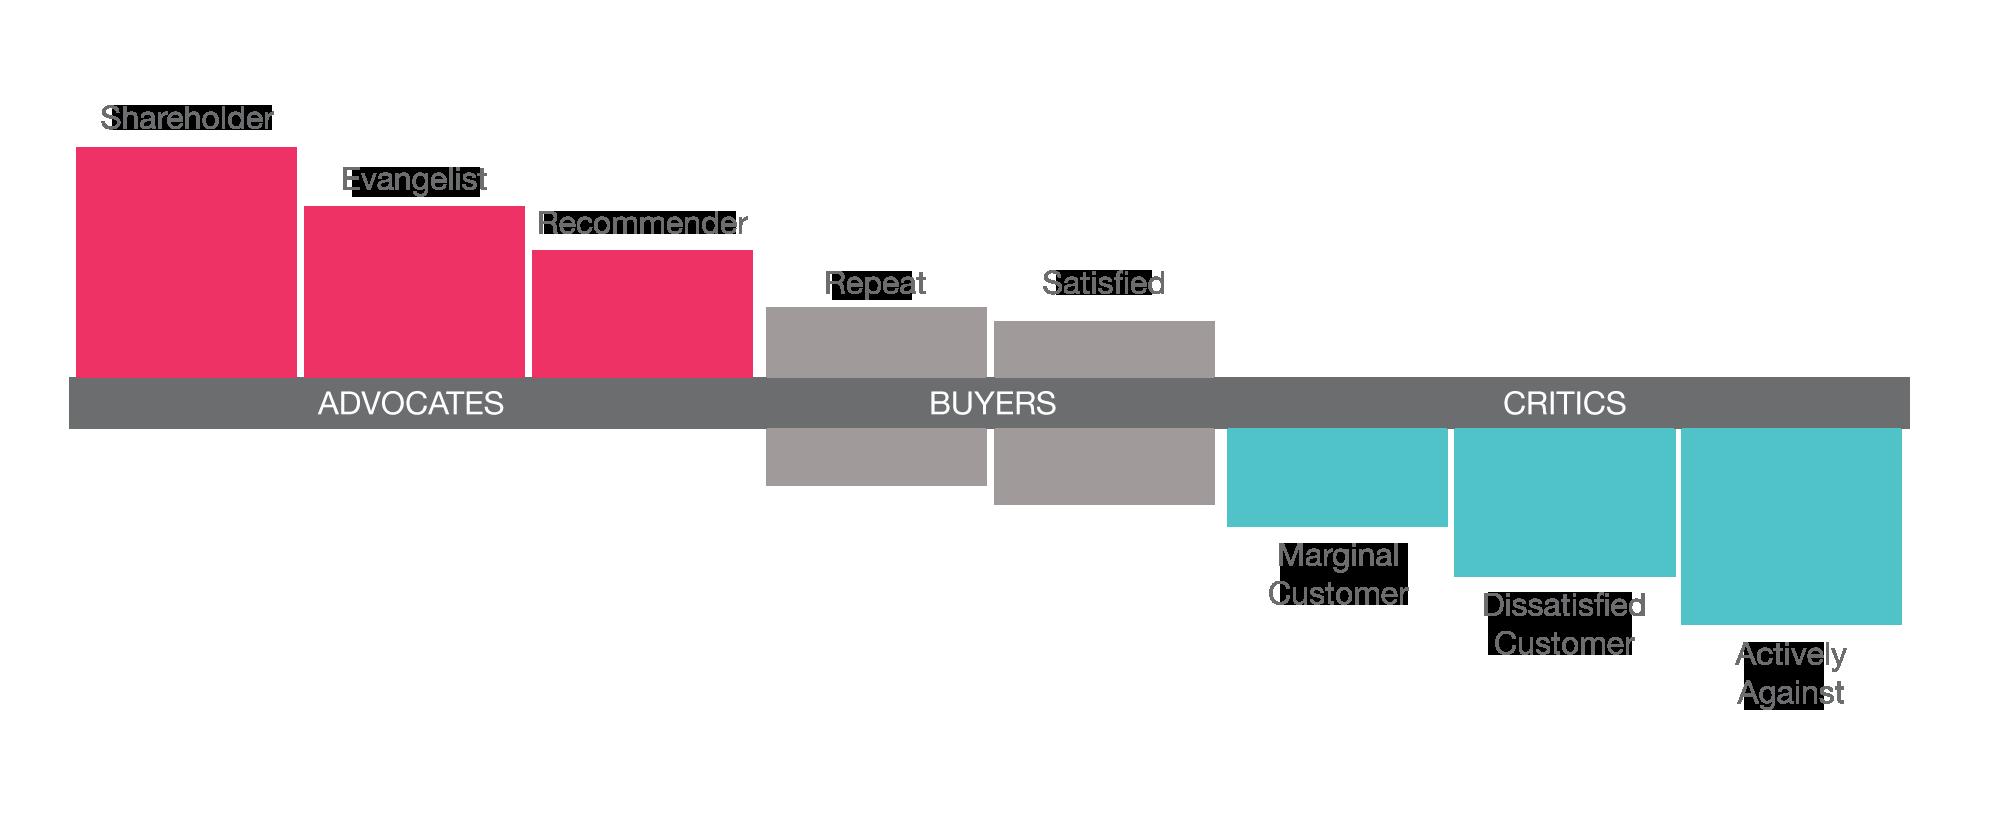 Deloitte Advocacy Diagram